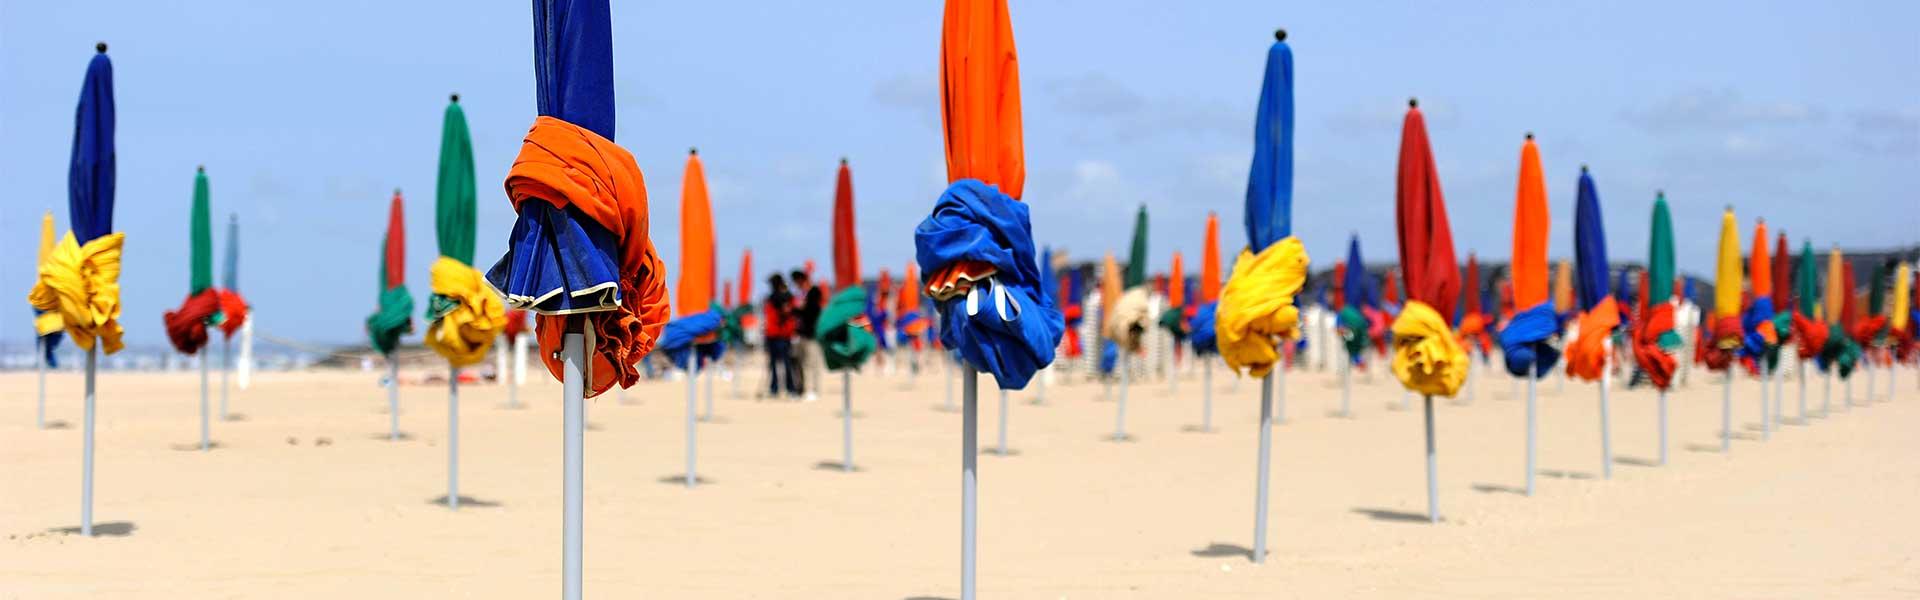 Deauville - Normandie Urlaub Frankreich